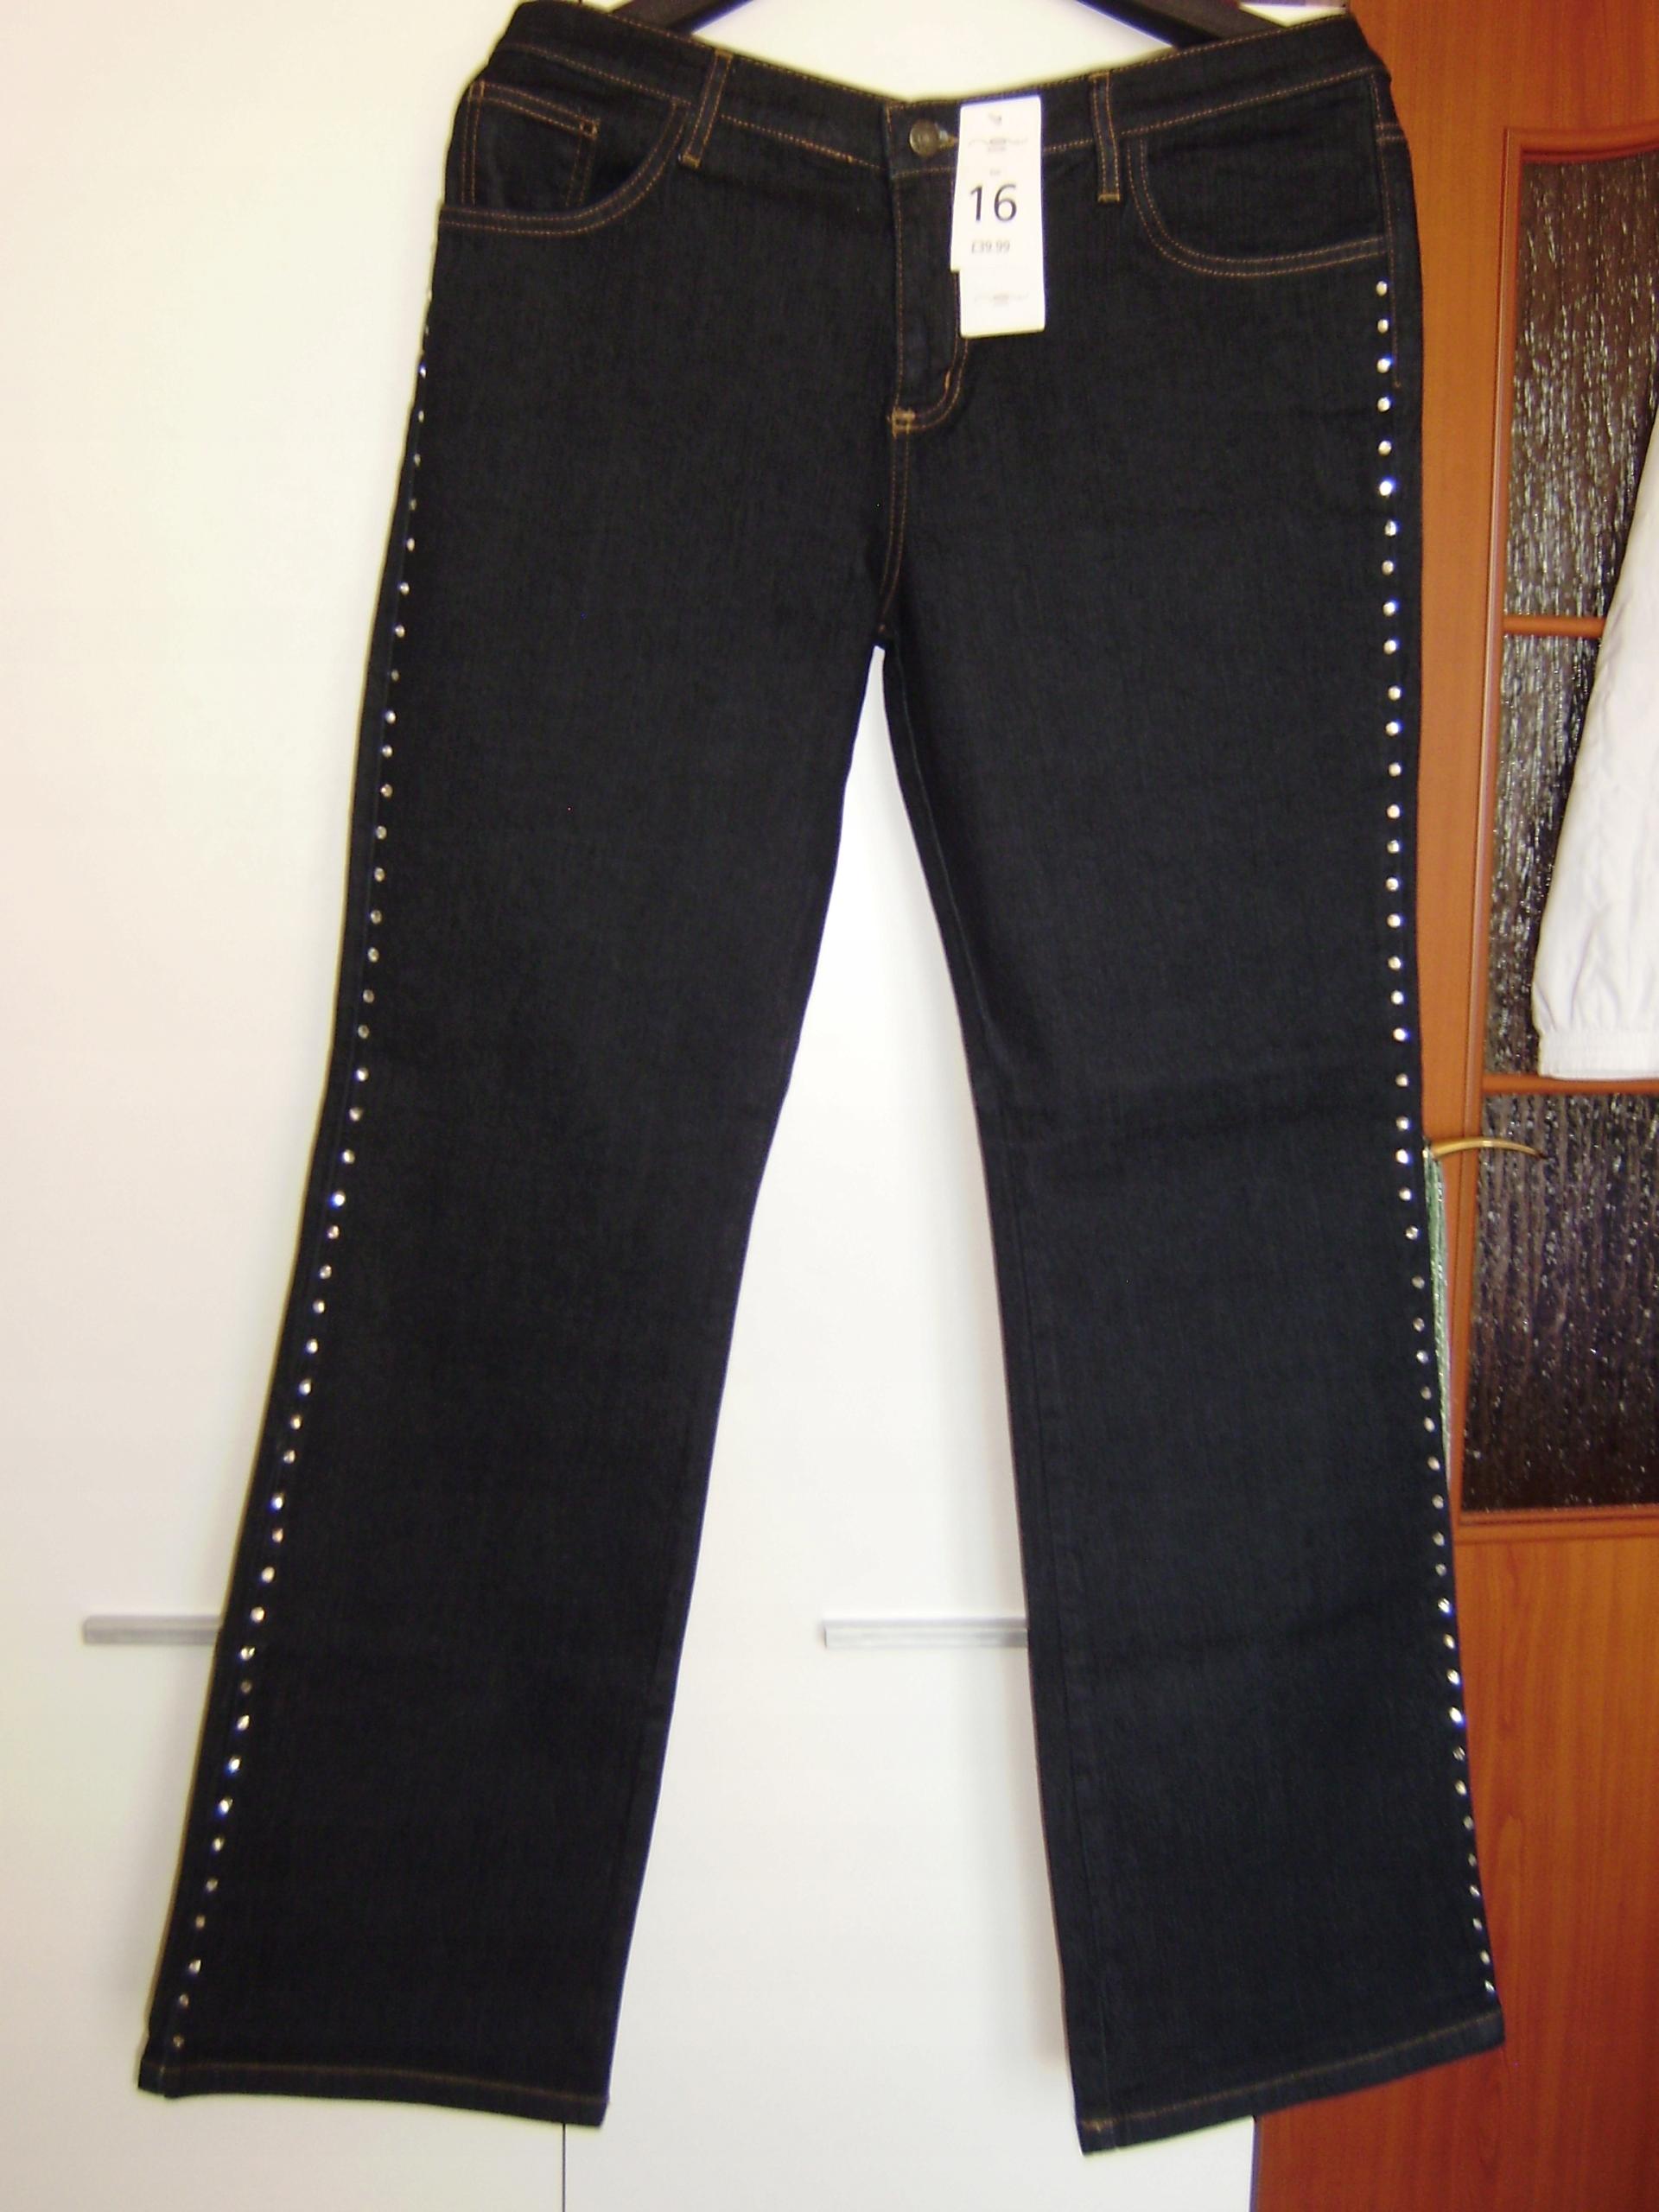 Spodnie NEW LOOK 44, granat, NOWE, bawełna